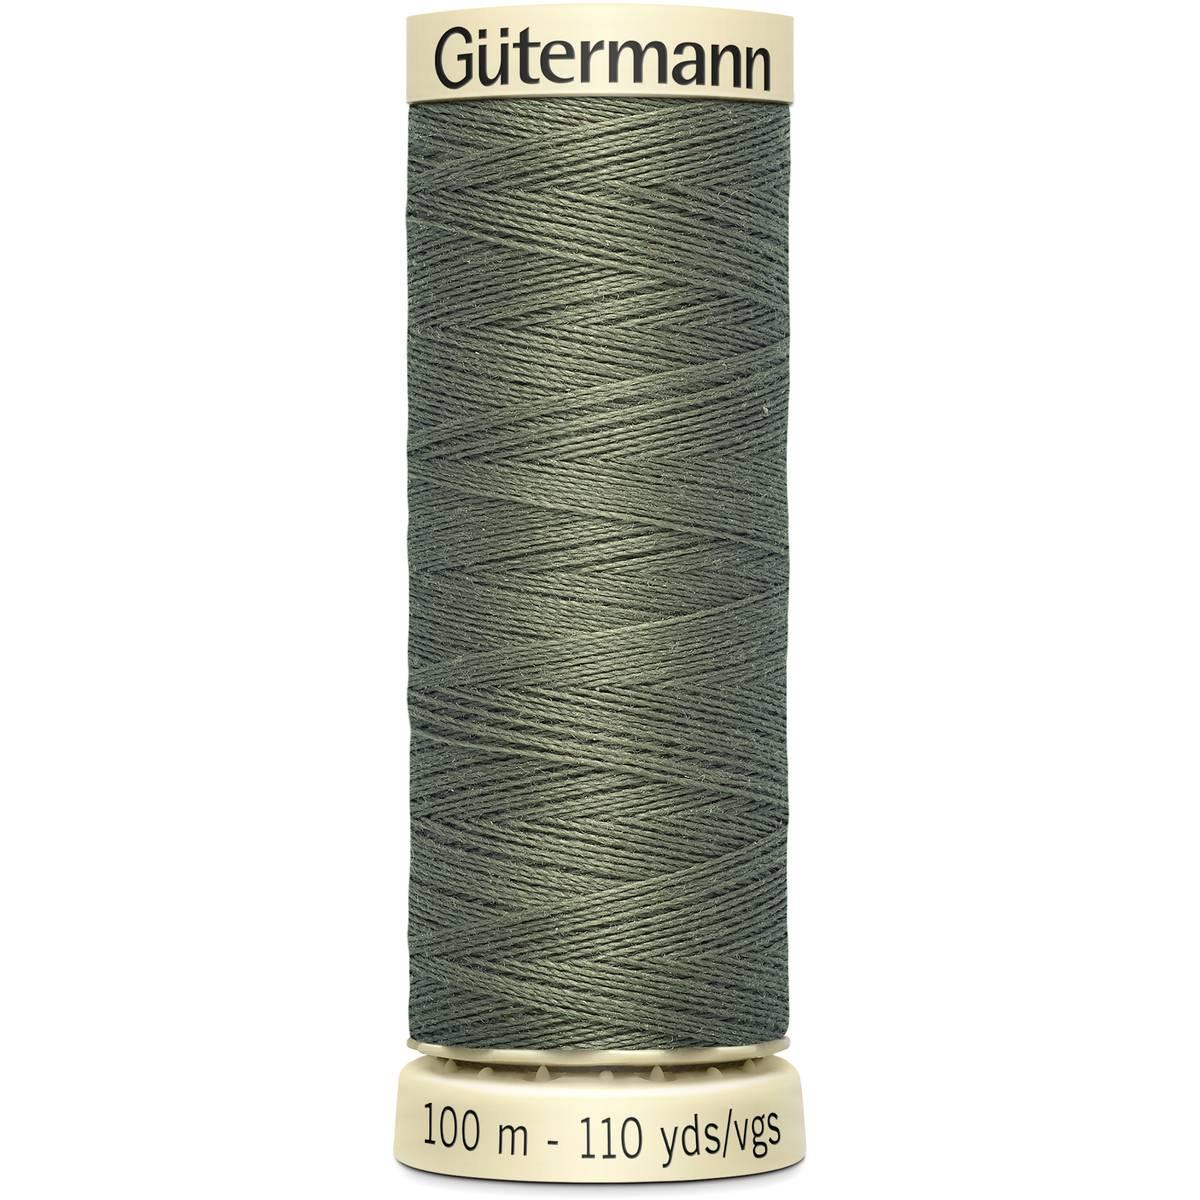 חוט תפירה גוטרמן - Green 824